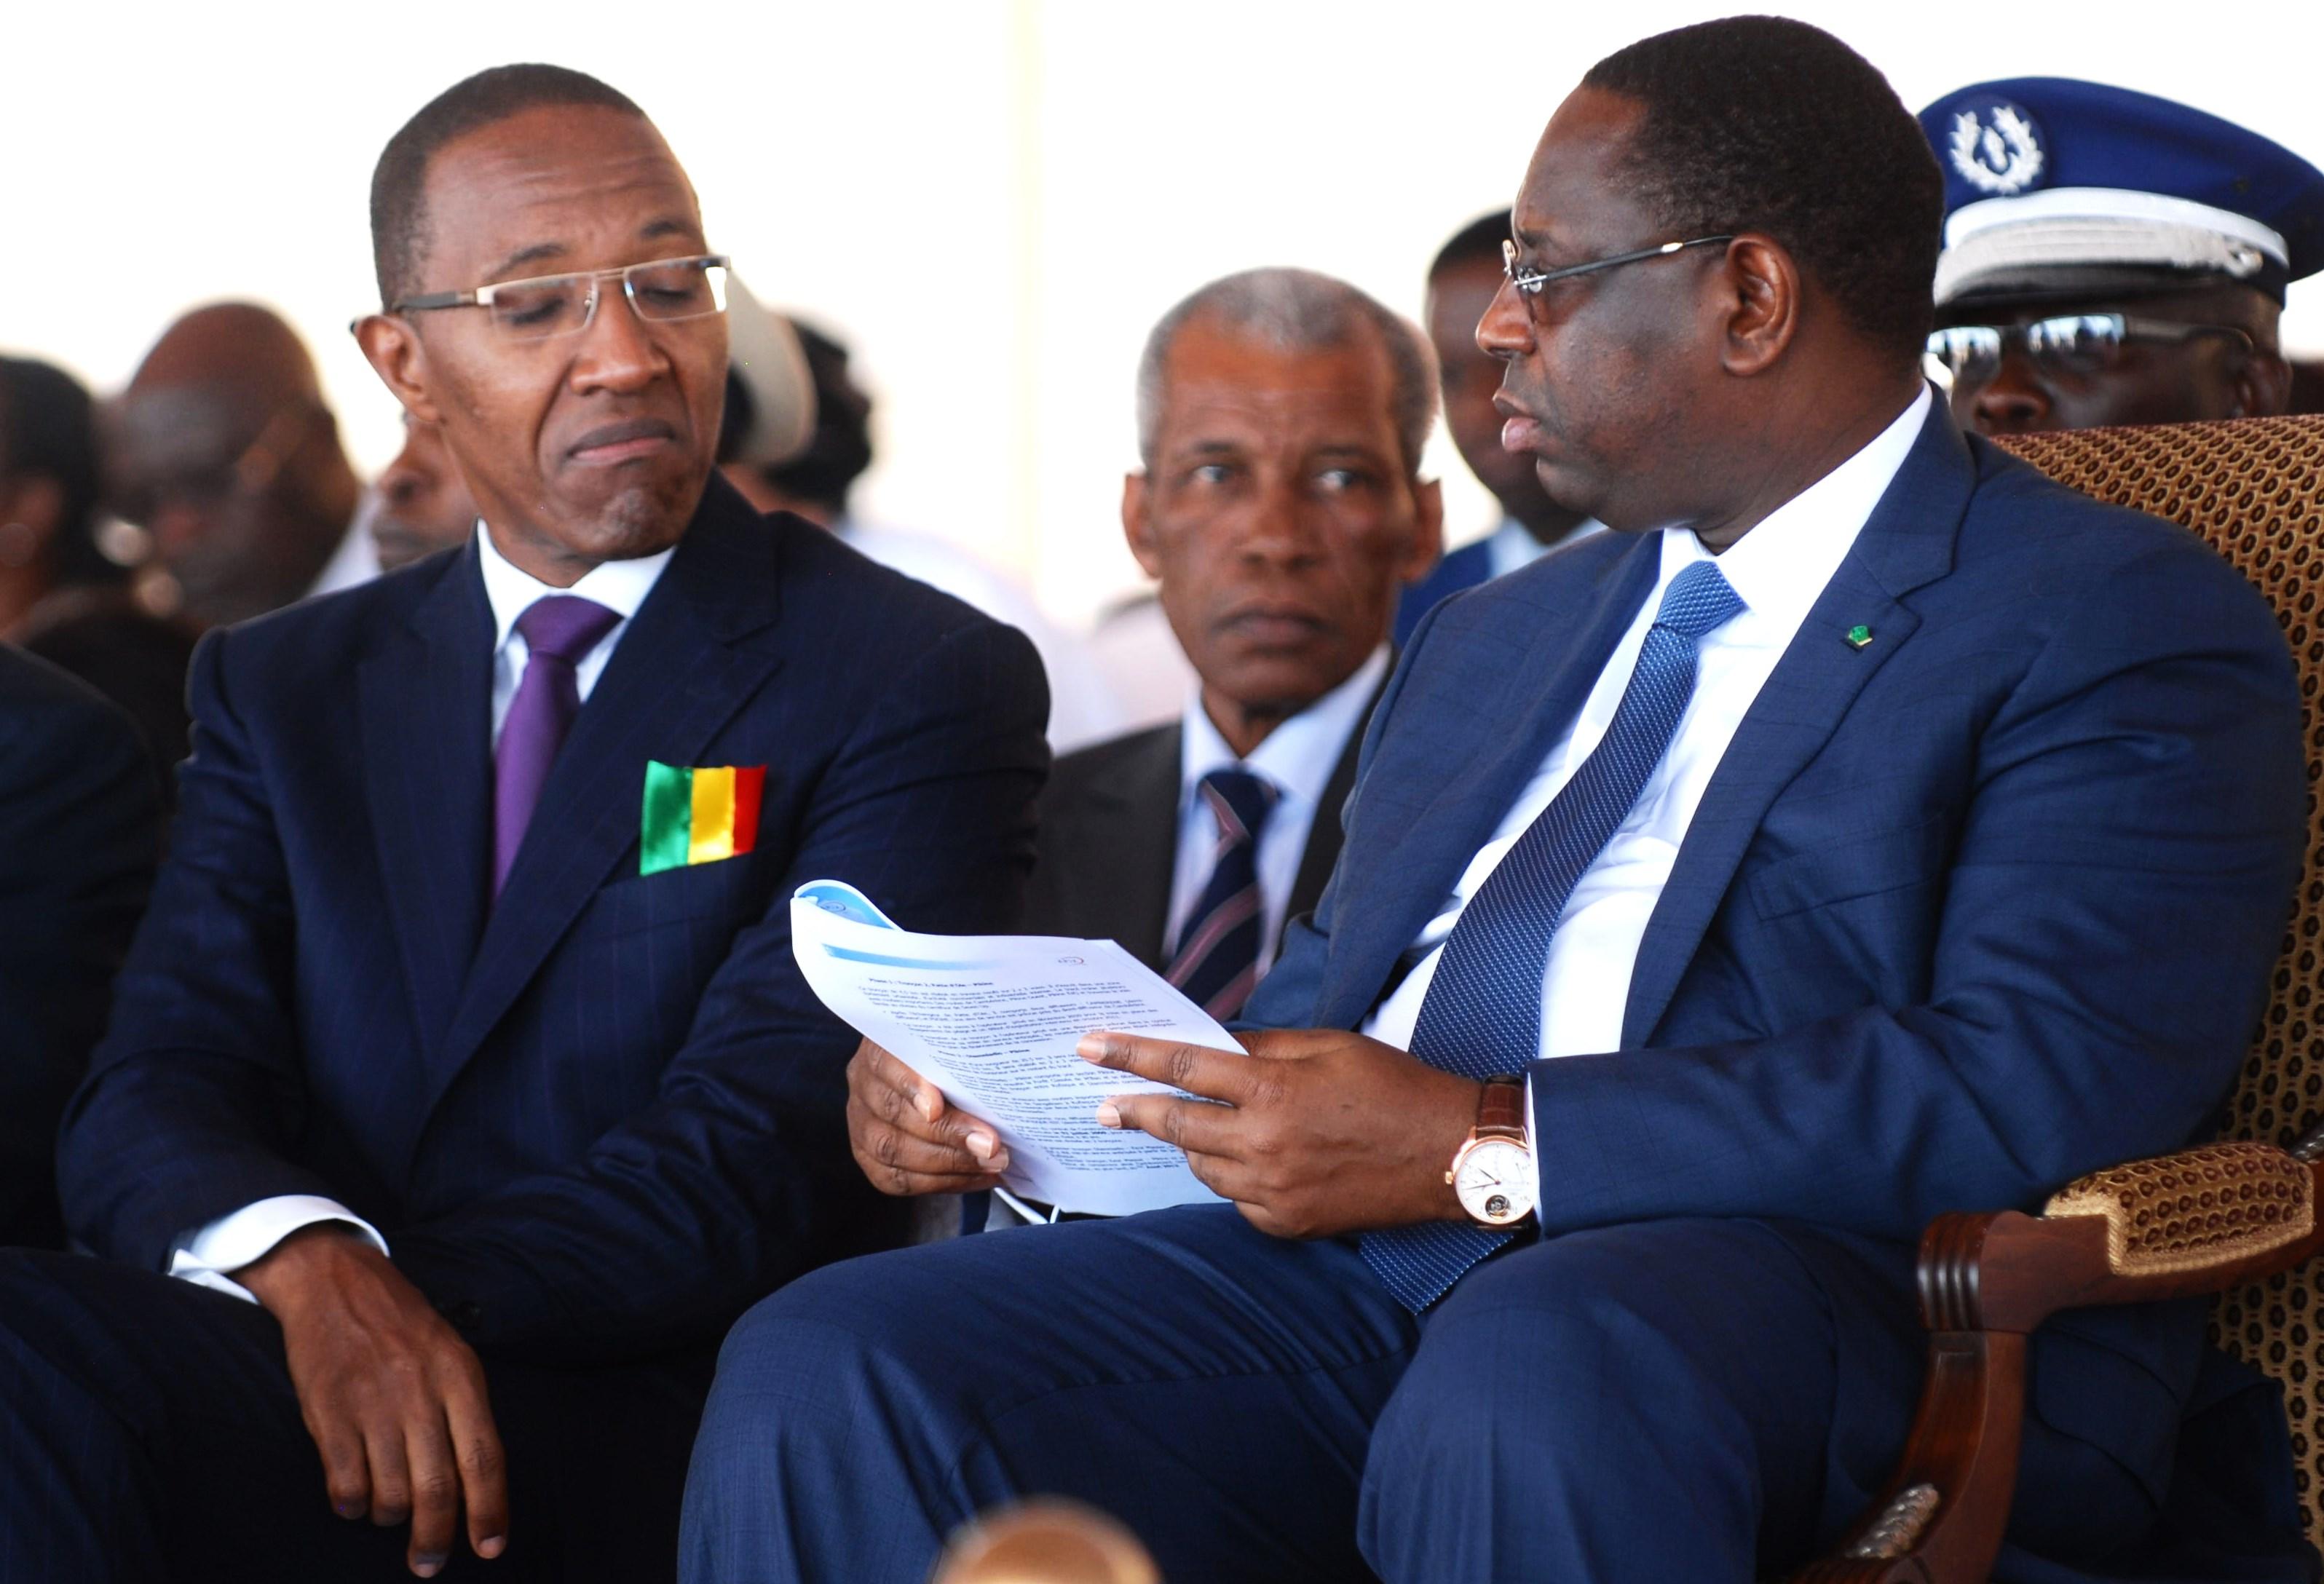 Programme de gouvernance économique : Abdoul Mbaye accuse Macky Sall de plagiat